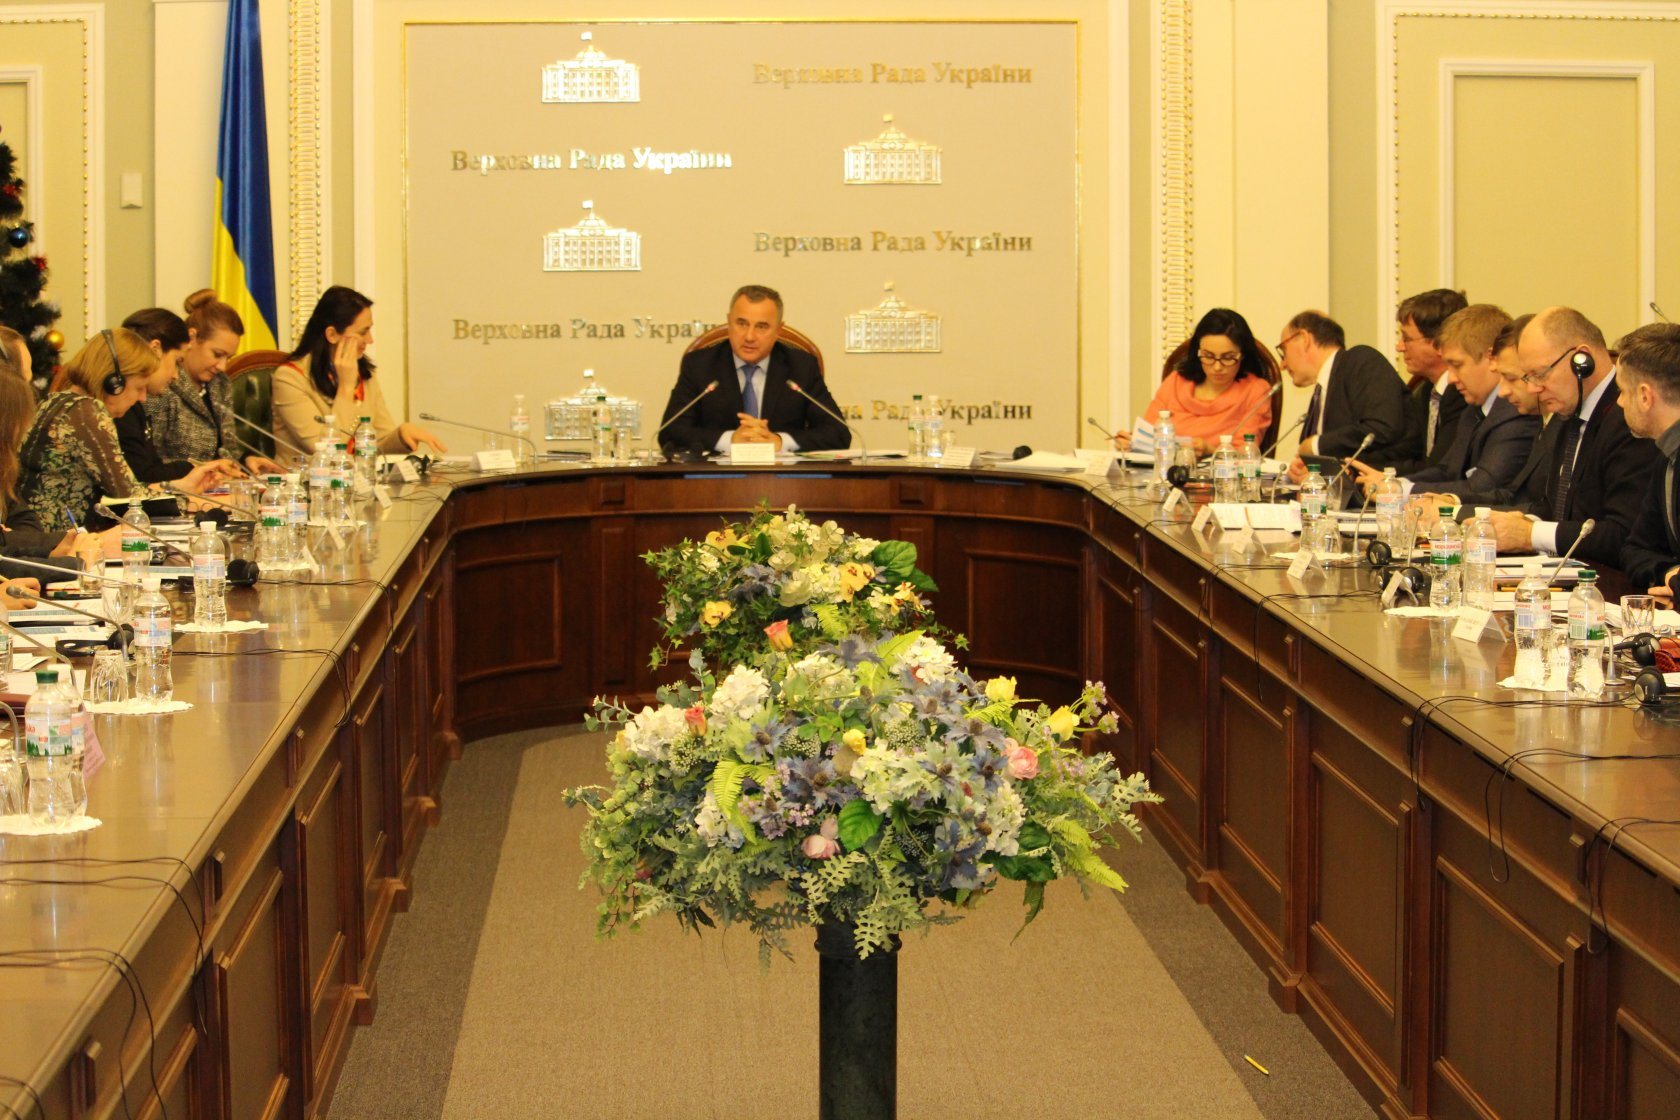 В Україні може бути створена окрема інституція, відповідальна за енергобезпеку